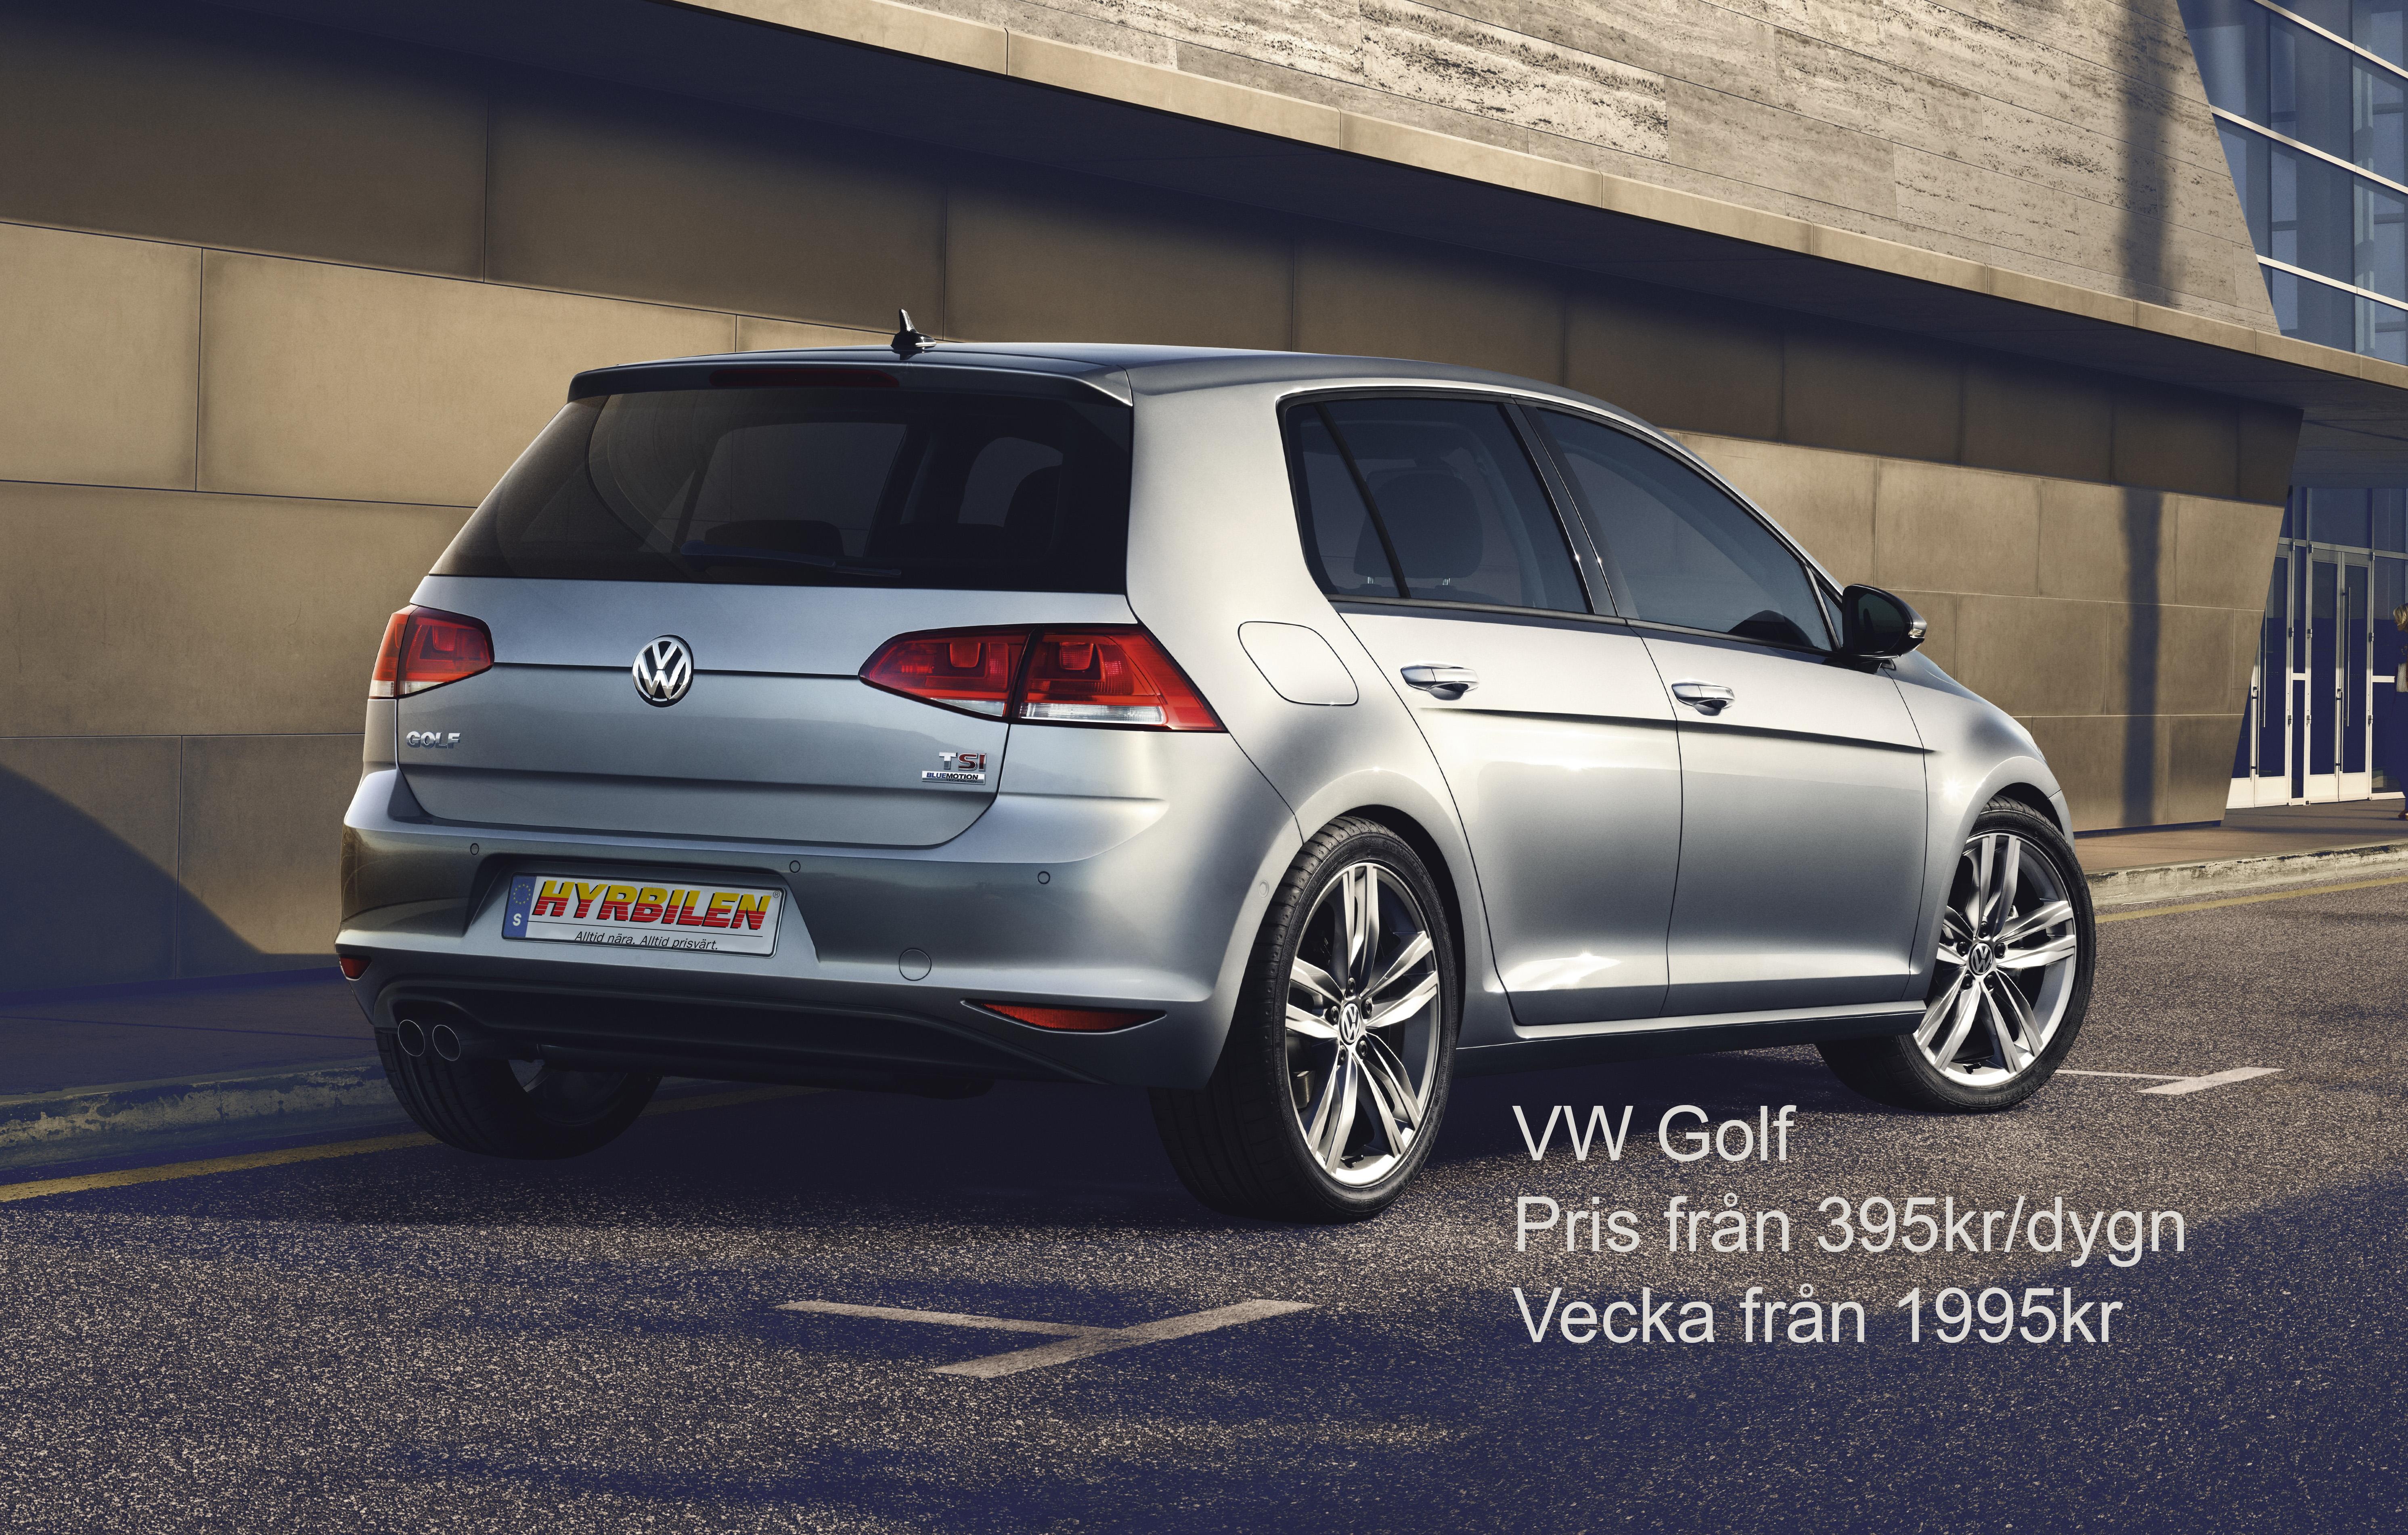 VW Golf Våra kontor